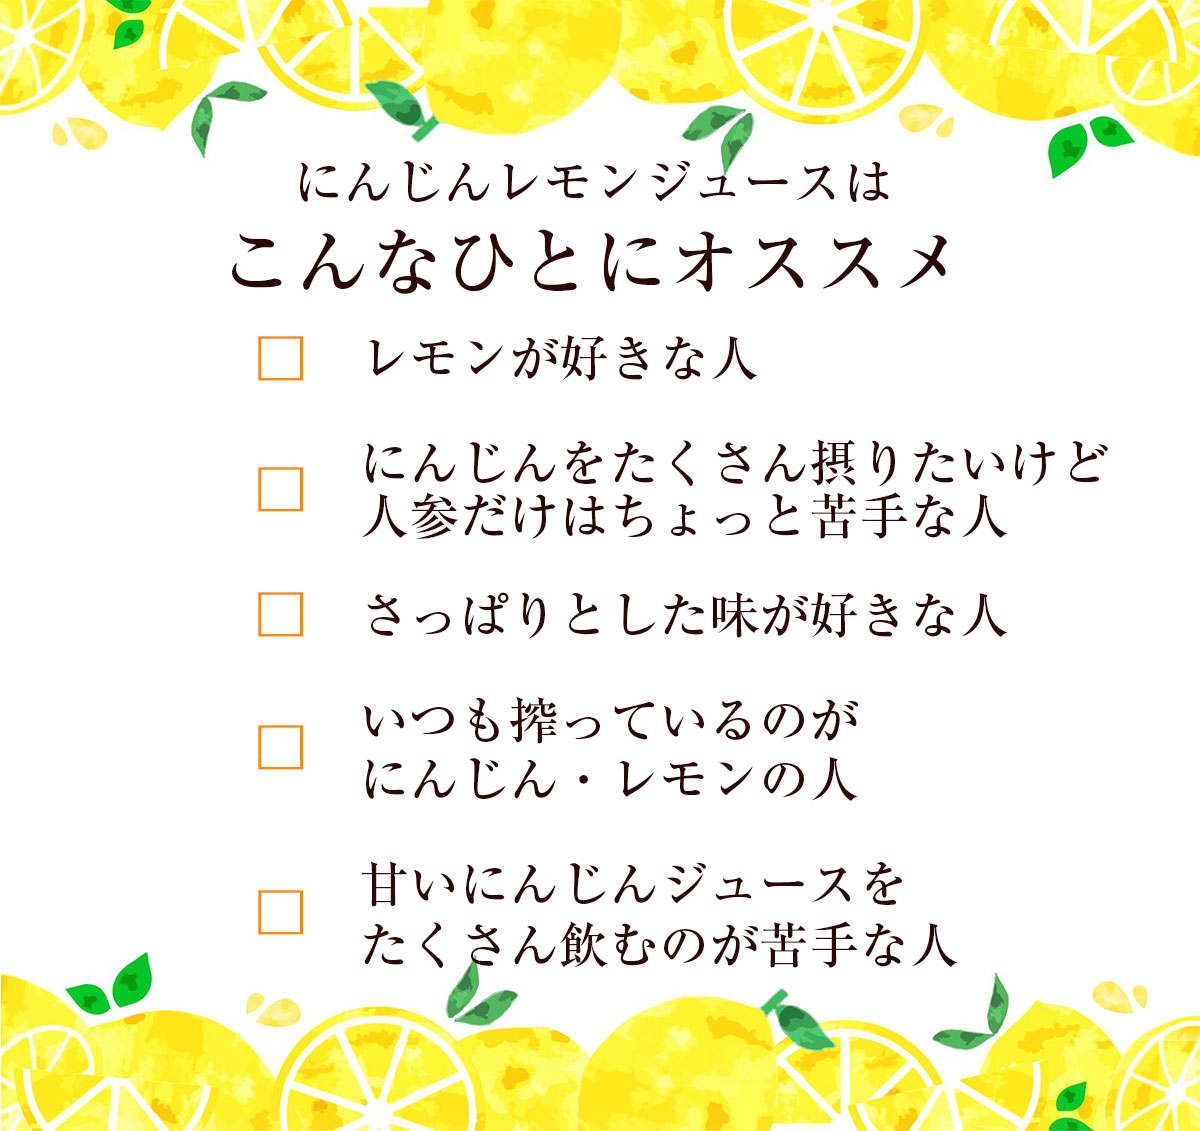 にんじんレモン冷凍ジュース 2箱 【100c×60p】【冷凍ジュース】【無農薬人参】【レモン】